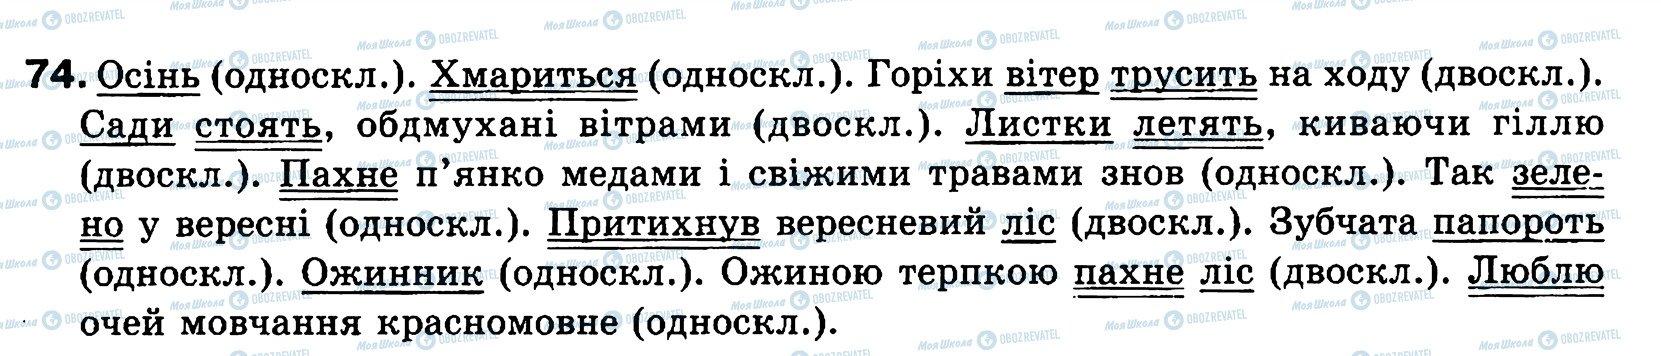 ГДЗ Українська мова 8 клас сторінка 74